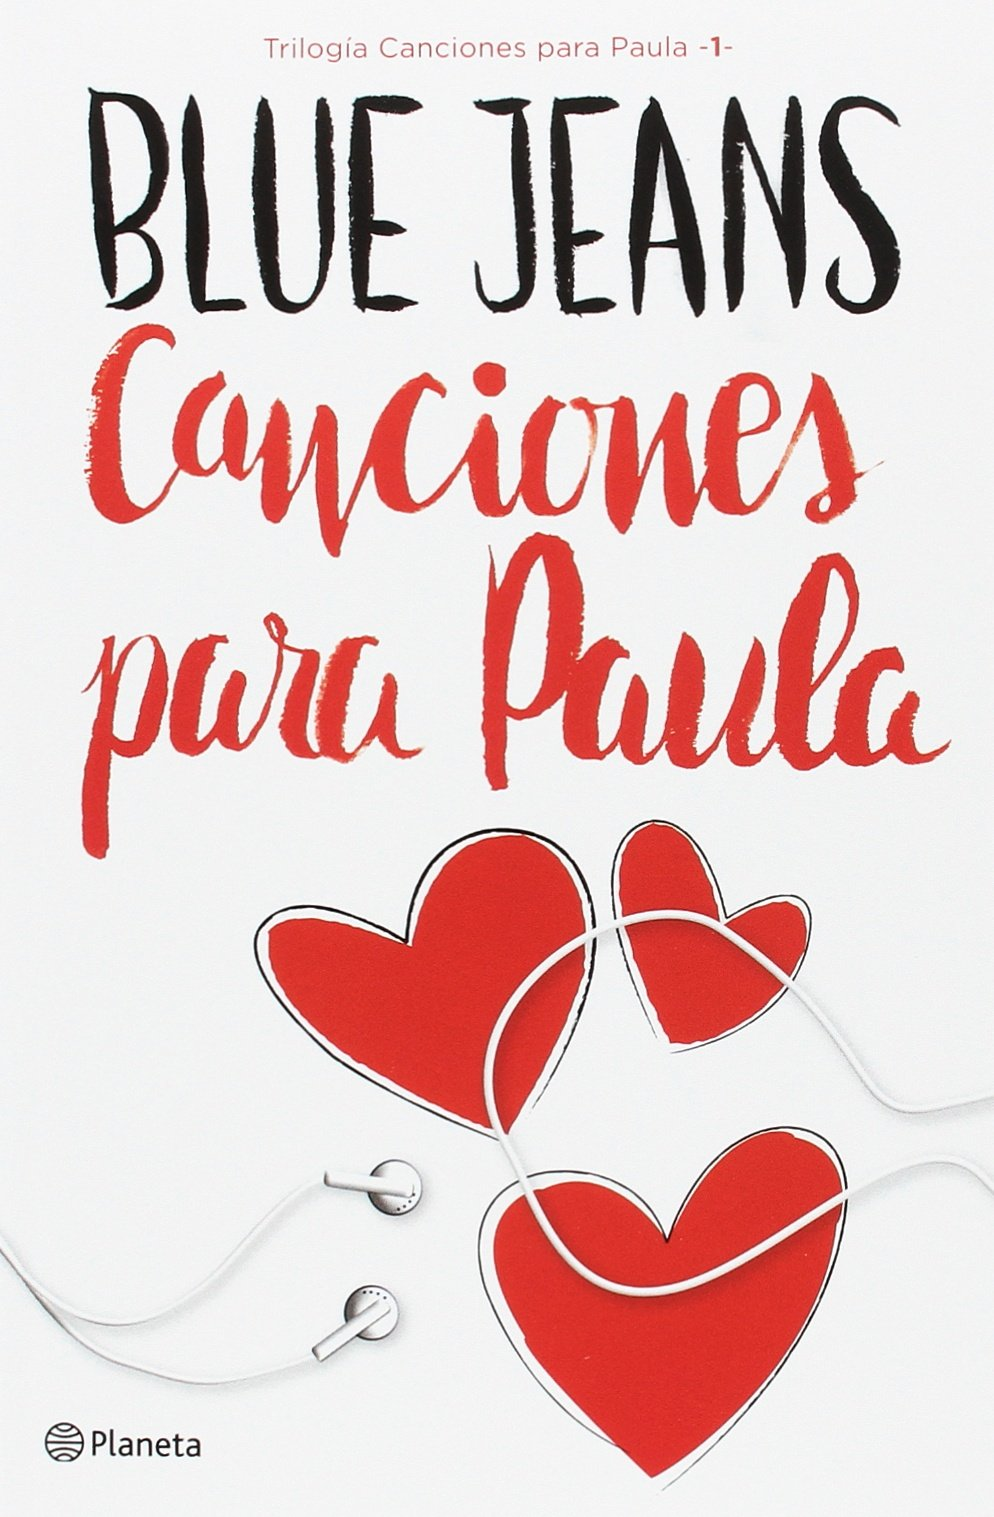 Estuche Navidad trilogía Canciones para Paula Fuera de colección: Amazon.es: Blue Jeans: Libros